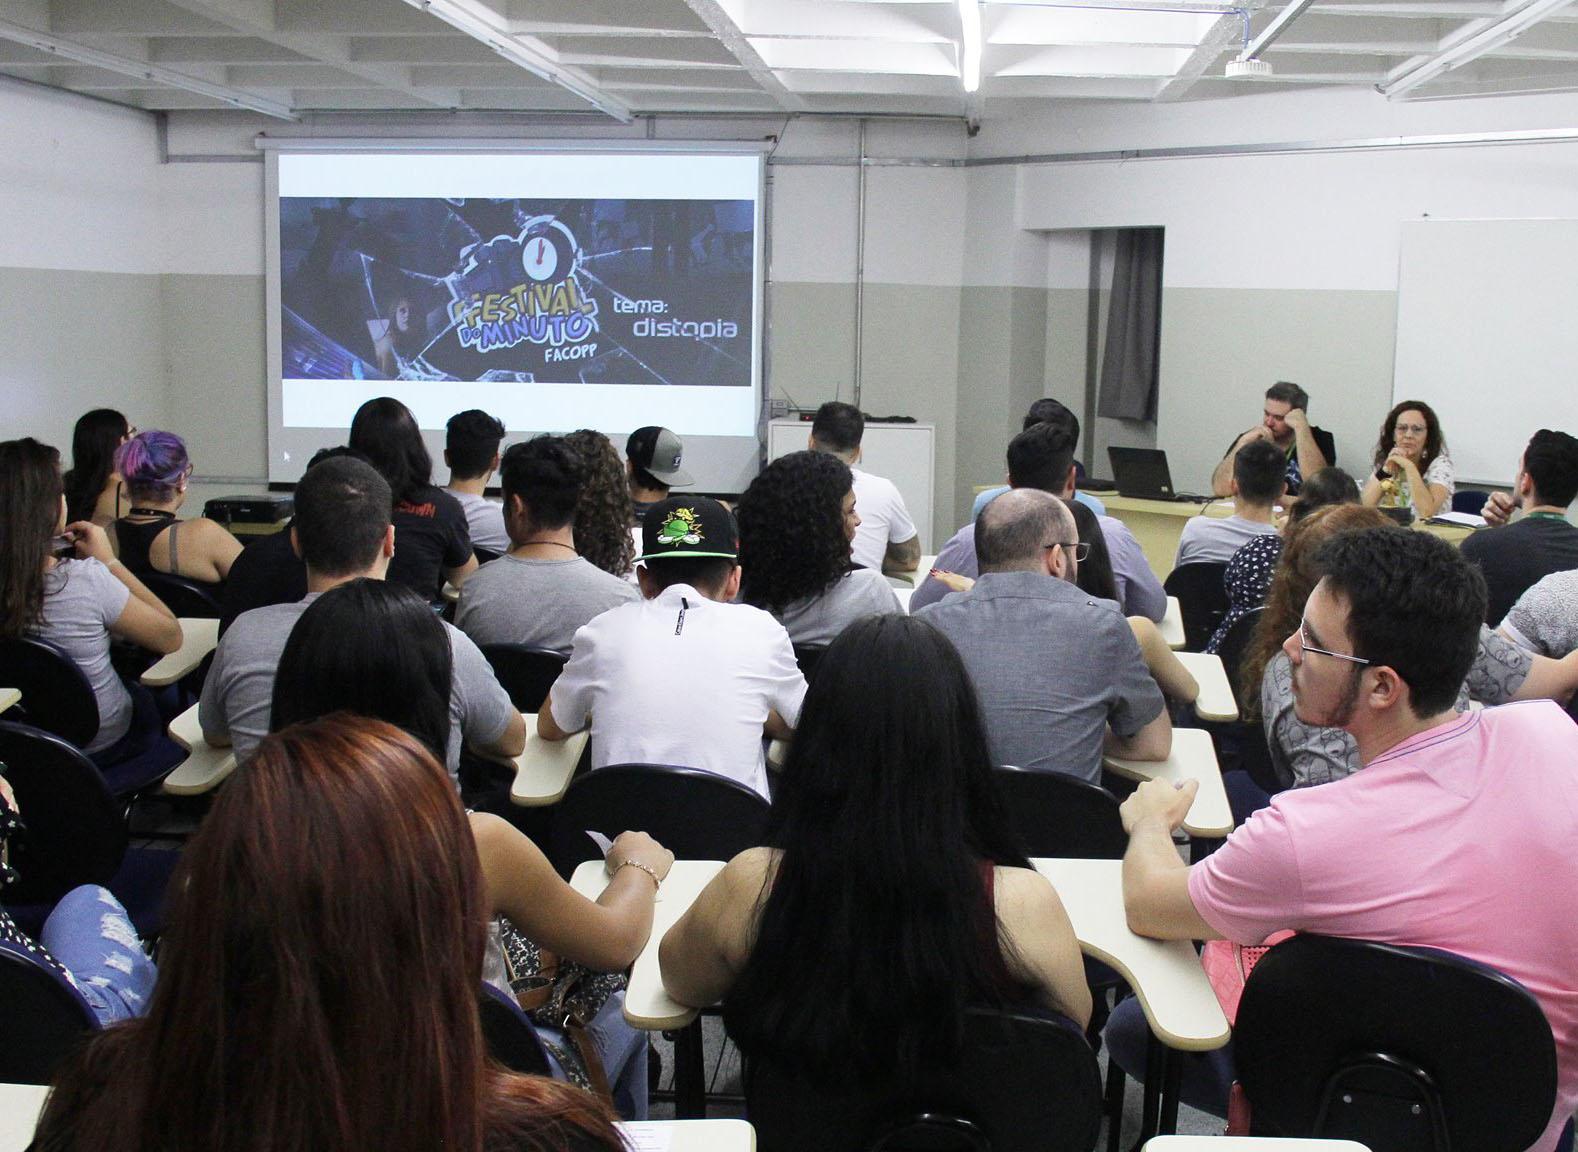 Festival do Minuto premia vencedoras de curtas com o tema distopia